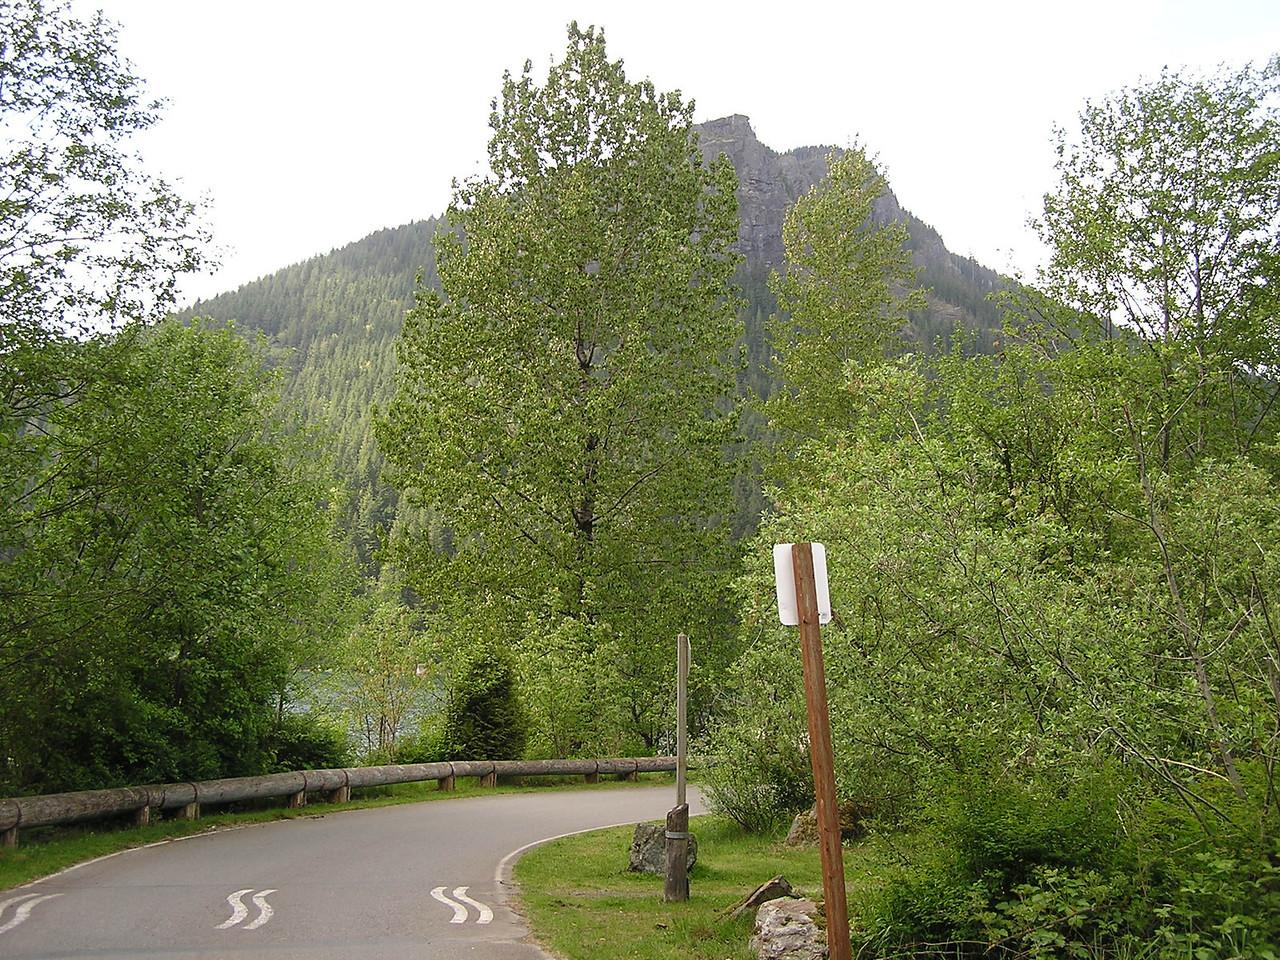 The mountain above Rattlesnake Lake.